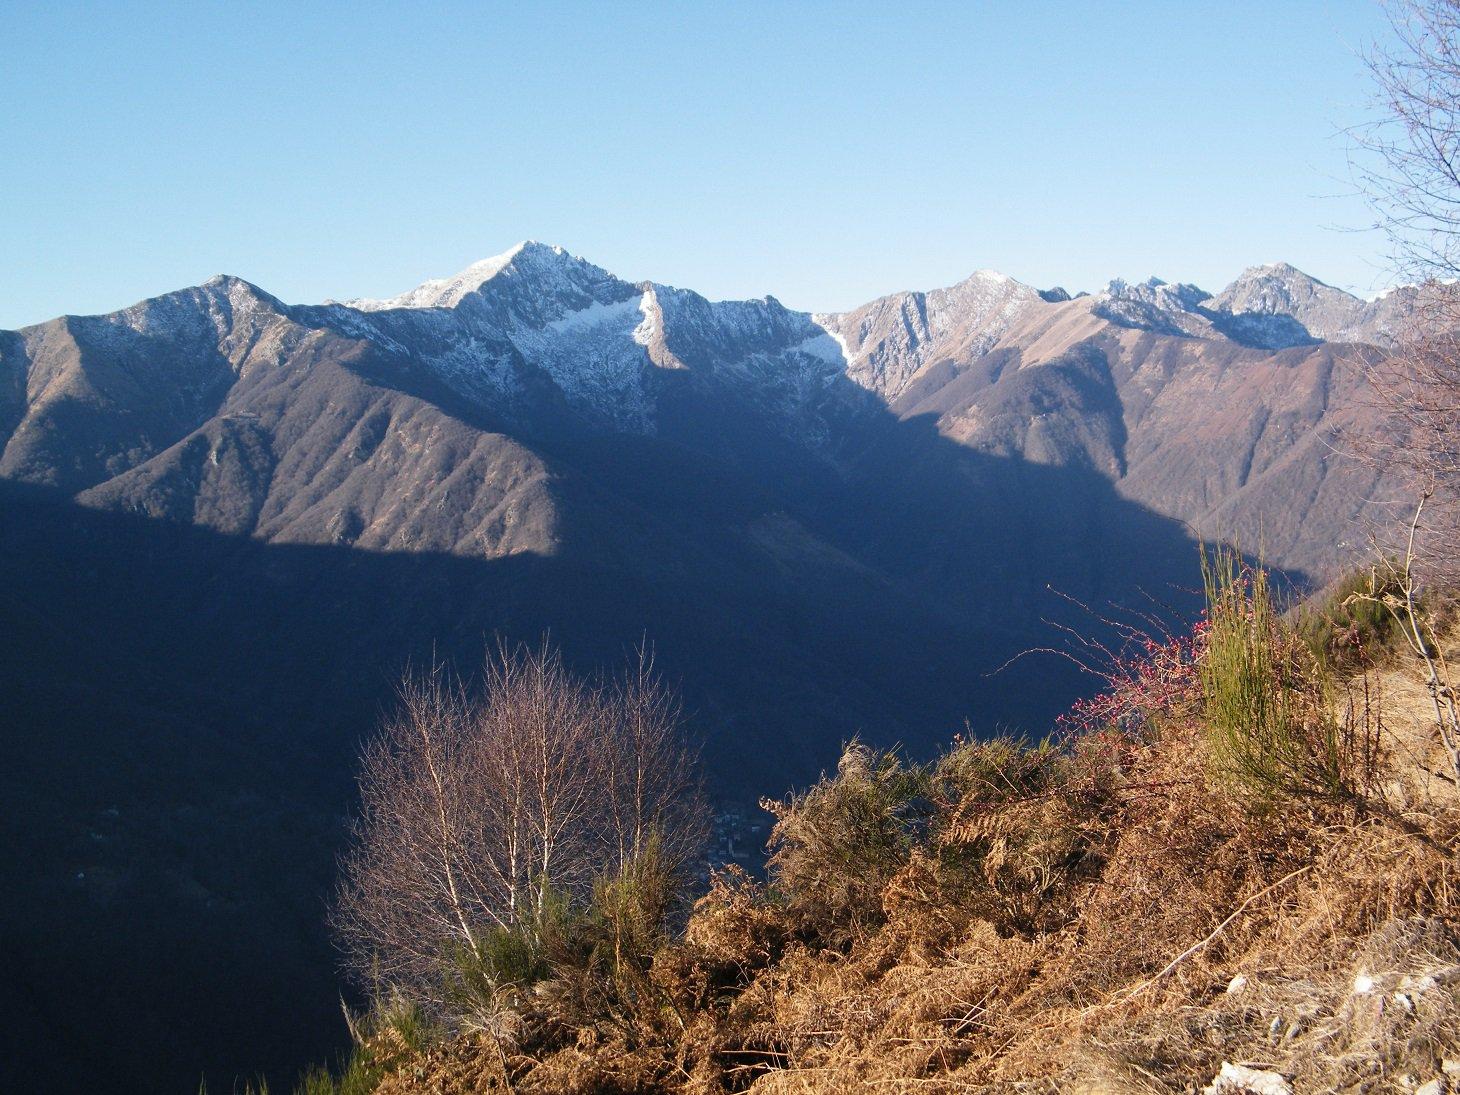 Il gruppo del Monte Zeda visto da Olzeno.